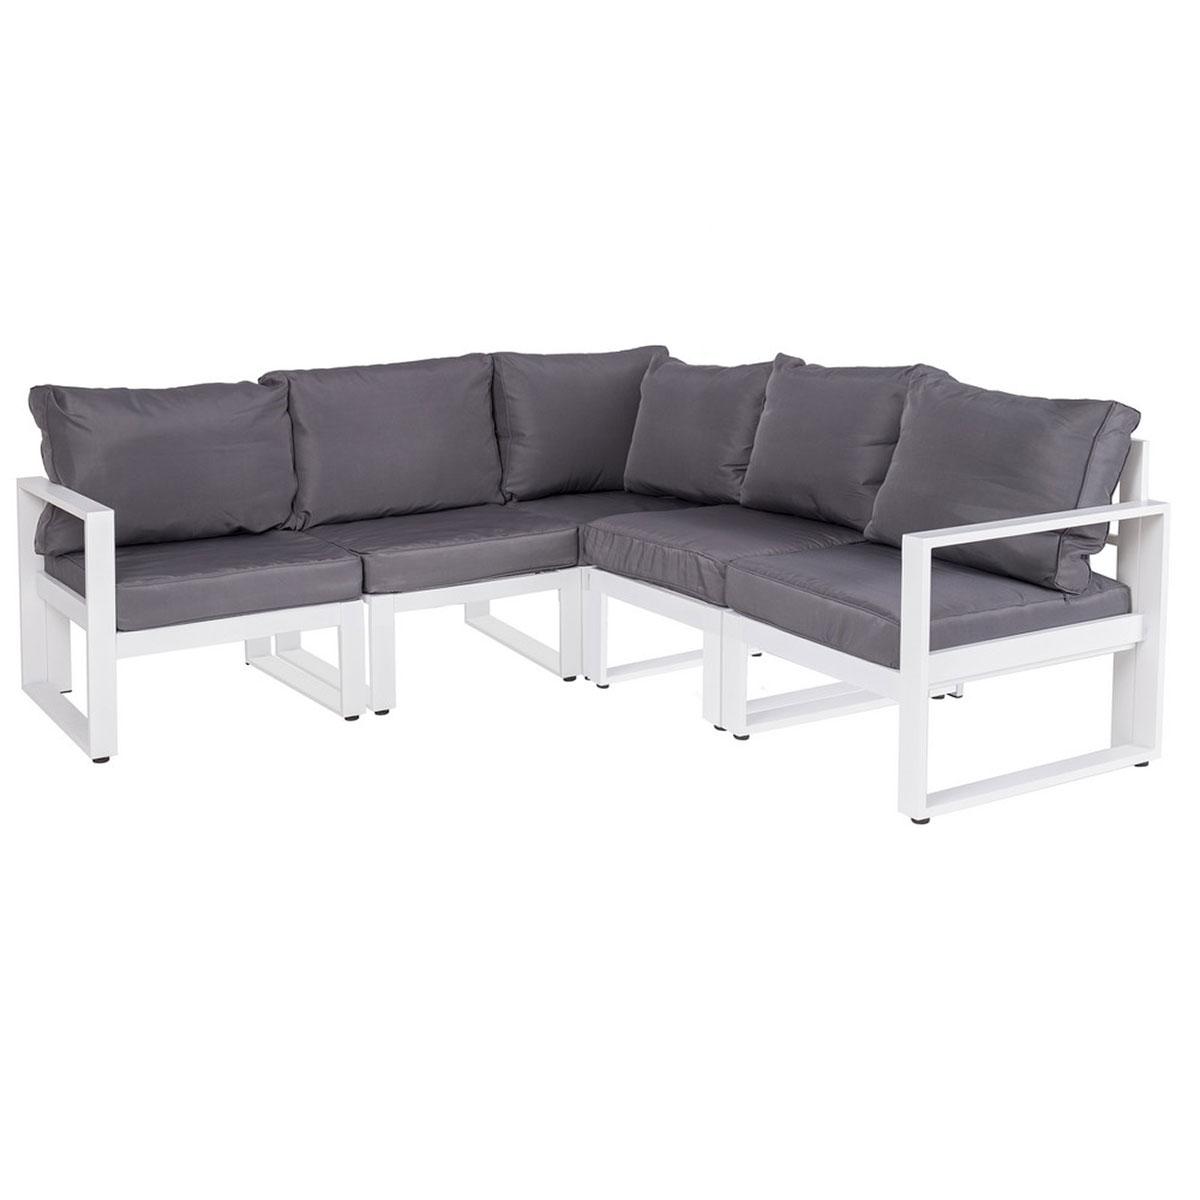 Canapé d'angle en aluminium blanc et gris - Gris/Blanc - 197.50 cm x 72.00 cm x 197.50 cm